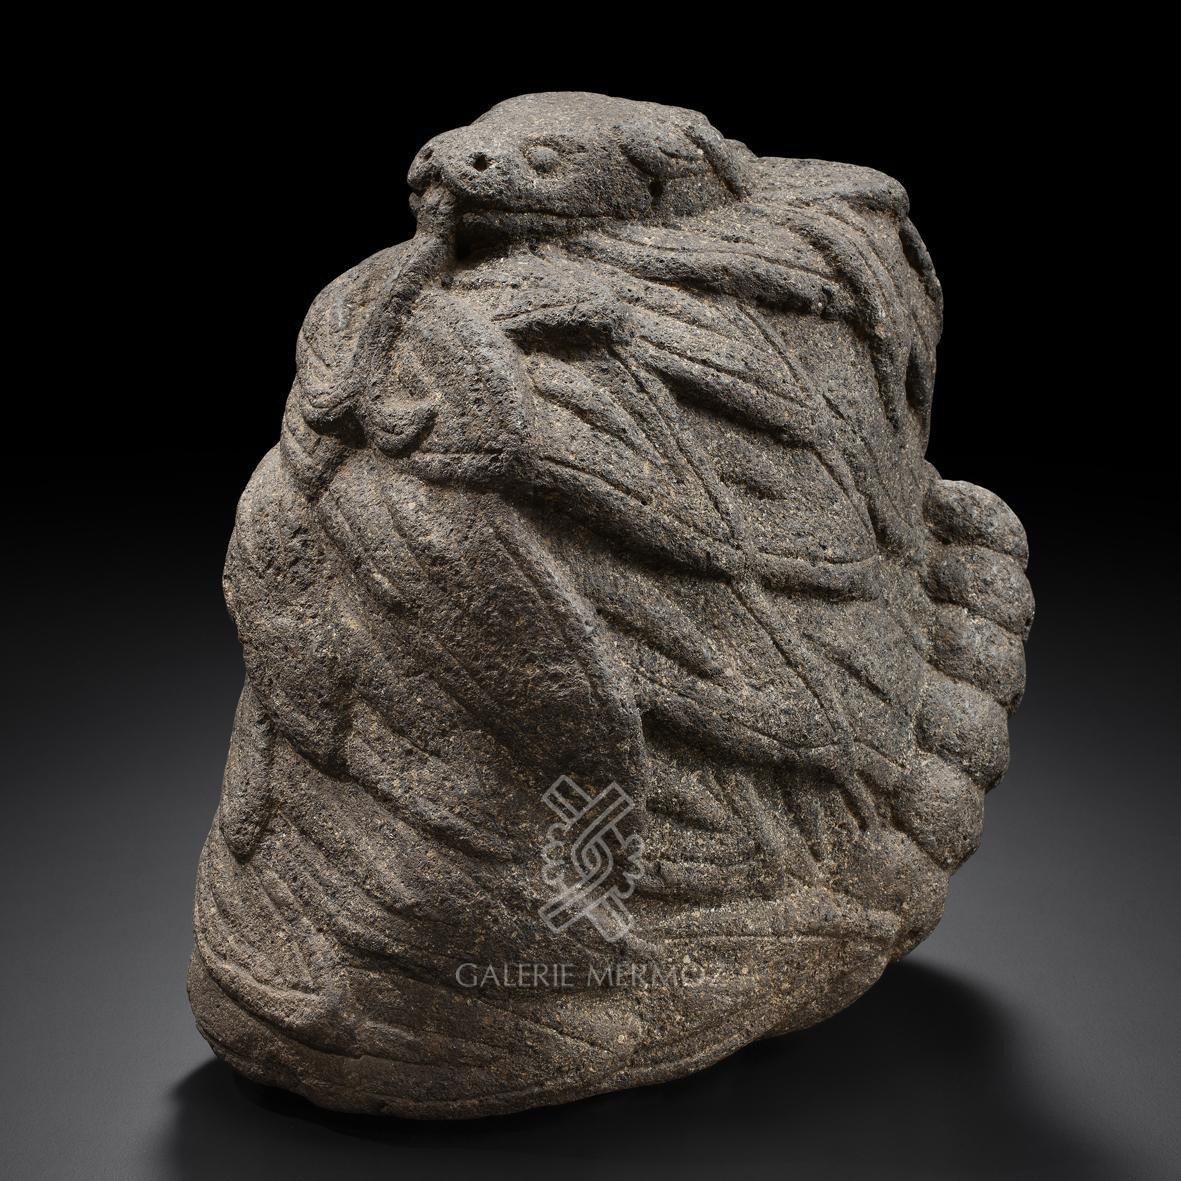 [Jeu] Association d'images - Page 18 1181x1181_quetzalcoatl-serpent-a-plumes-azteque-mexique-art-precolombien-52444e404d689-01